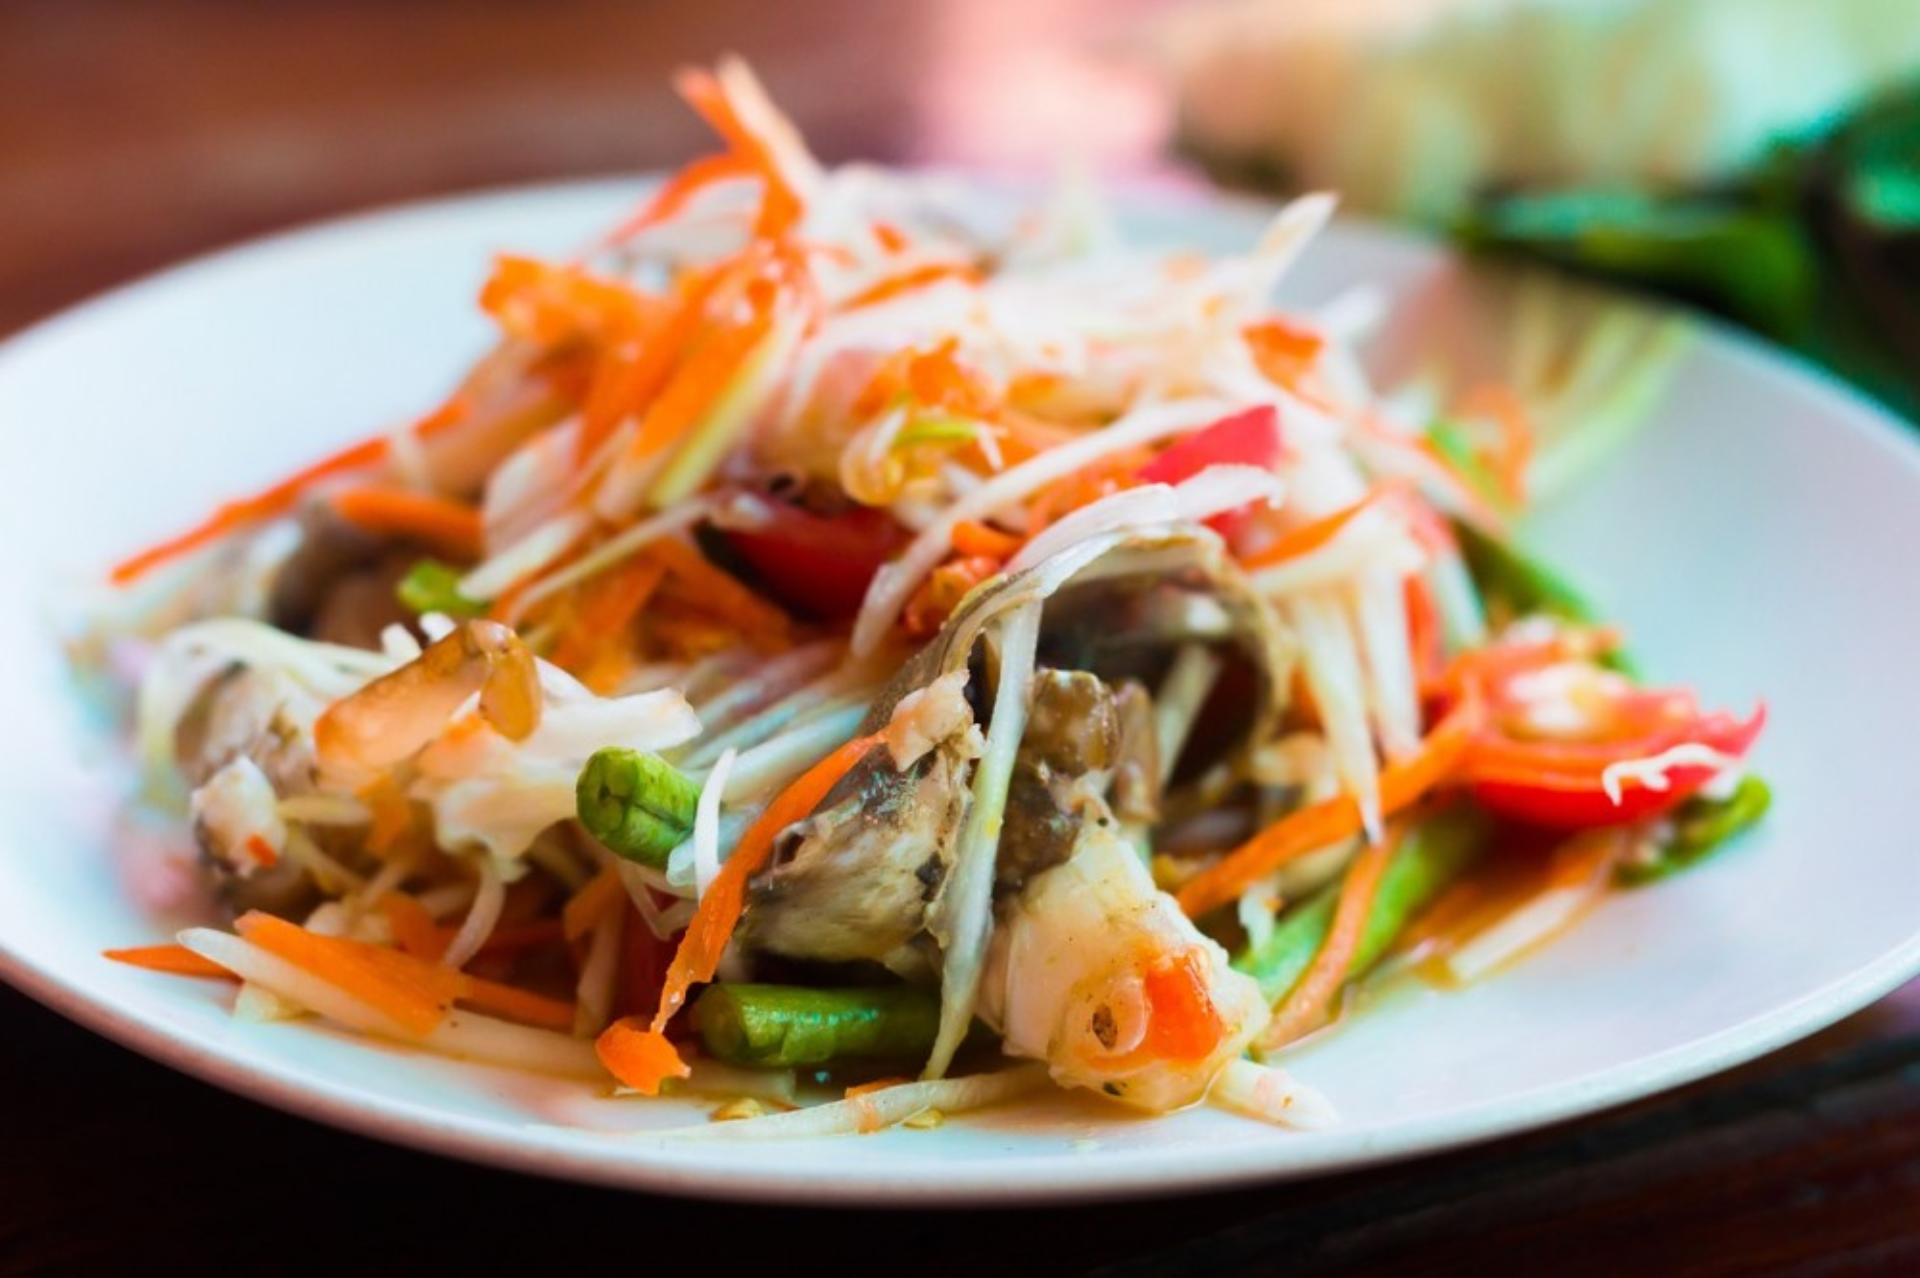 Das Restaurant Seoul in Düsseldorf bietet asiatische Spezialitäten und koreanische kulinarische Gerichte an.